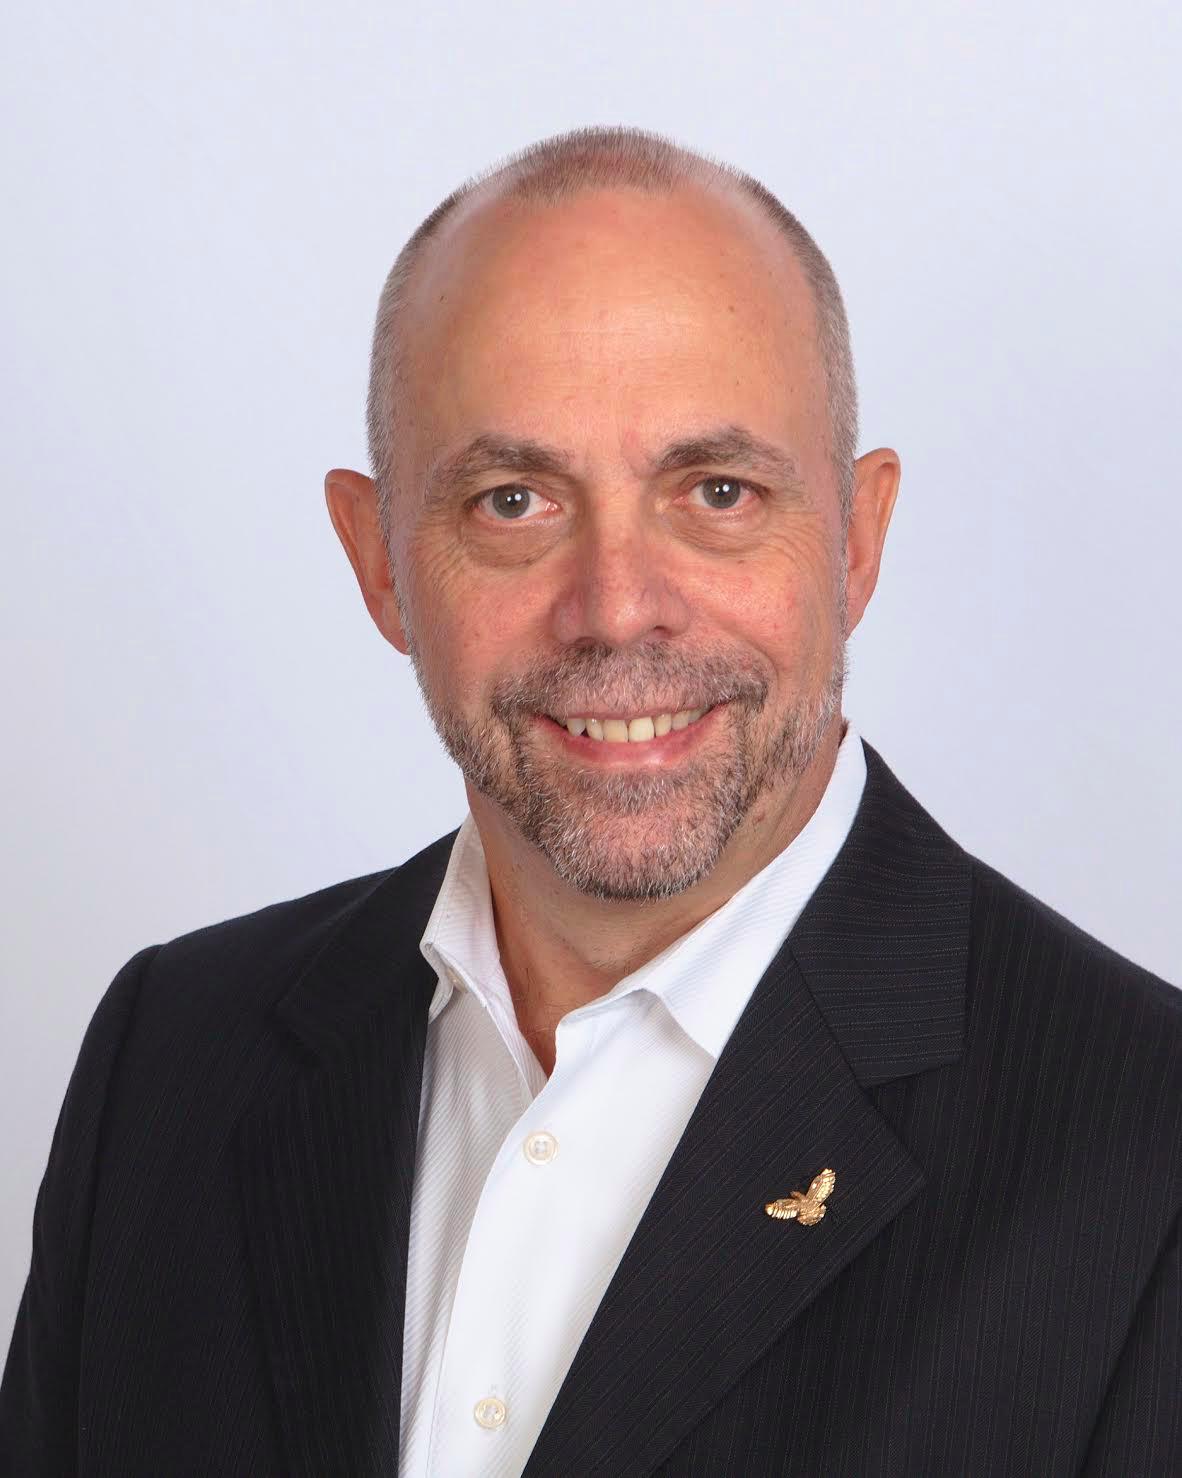 Tom Estabrook | Estabrook Enterprise Business Process Experts